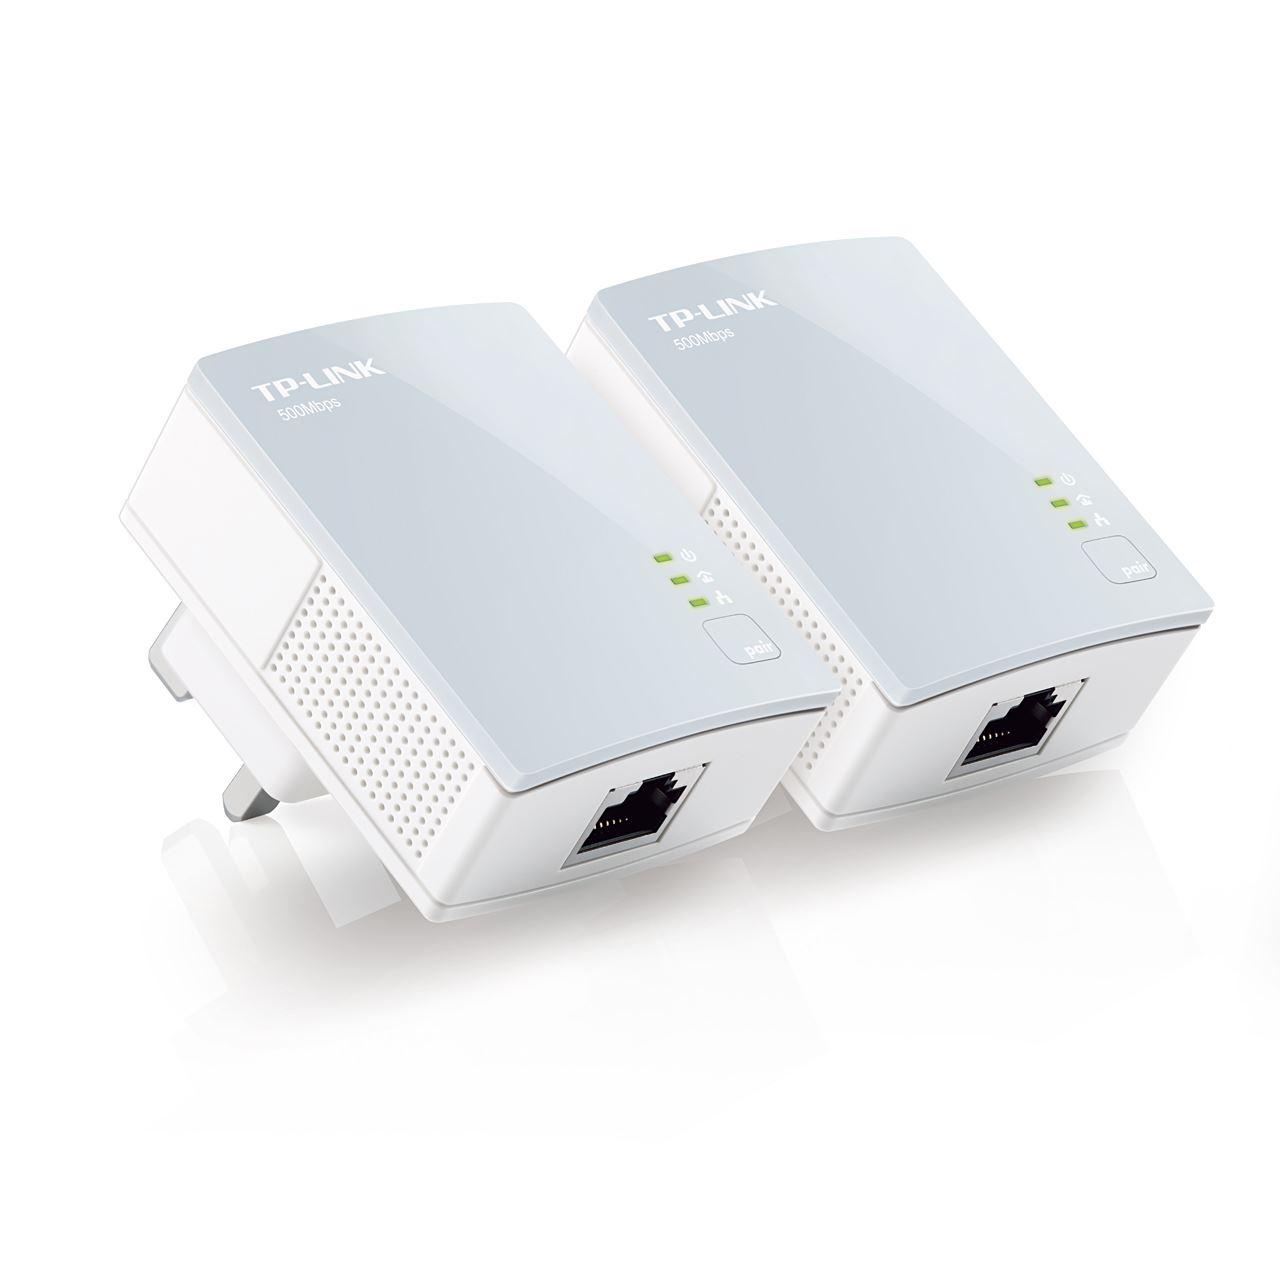 TP-LINK TL-PA411KIT AV500 500 Mbps Powerline Adapter Starter Kit Ethernet plug Manufacturer Refurbished